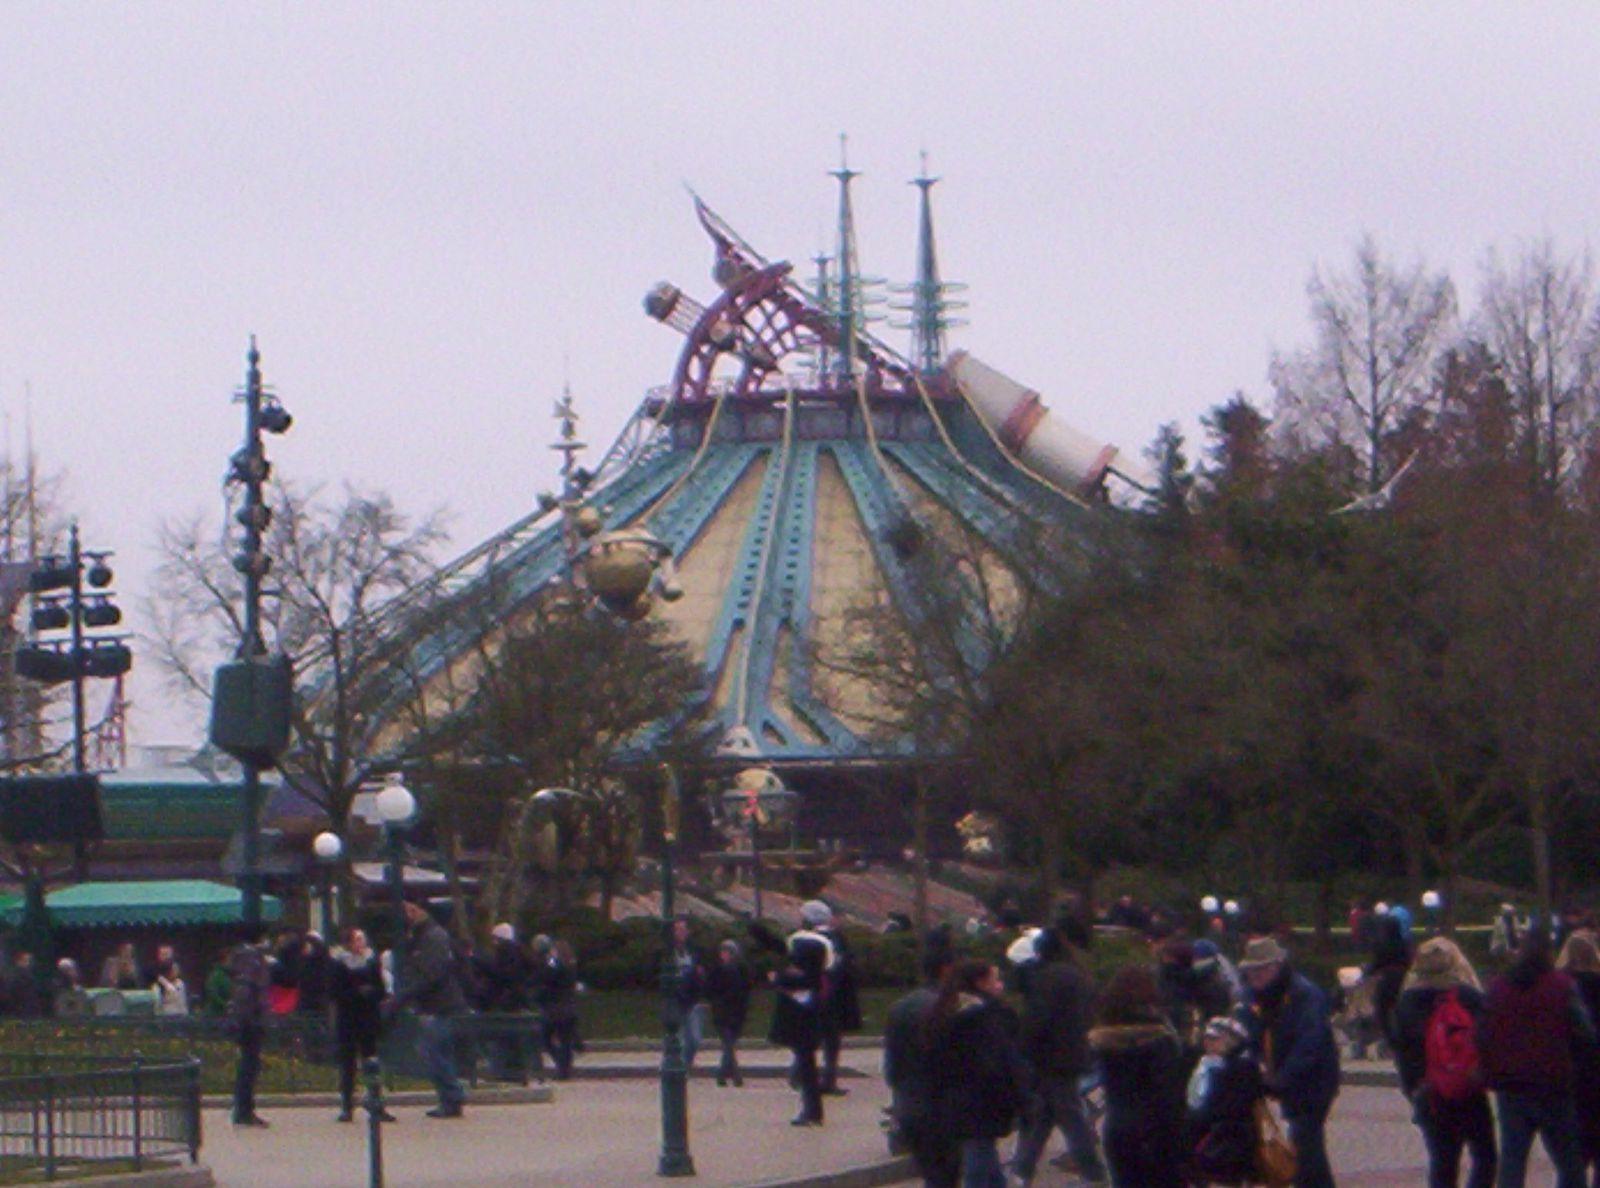 Et voici les merveilles de Disneyland Paris !